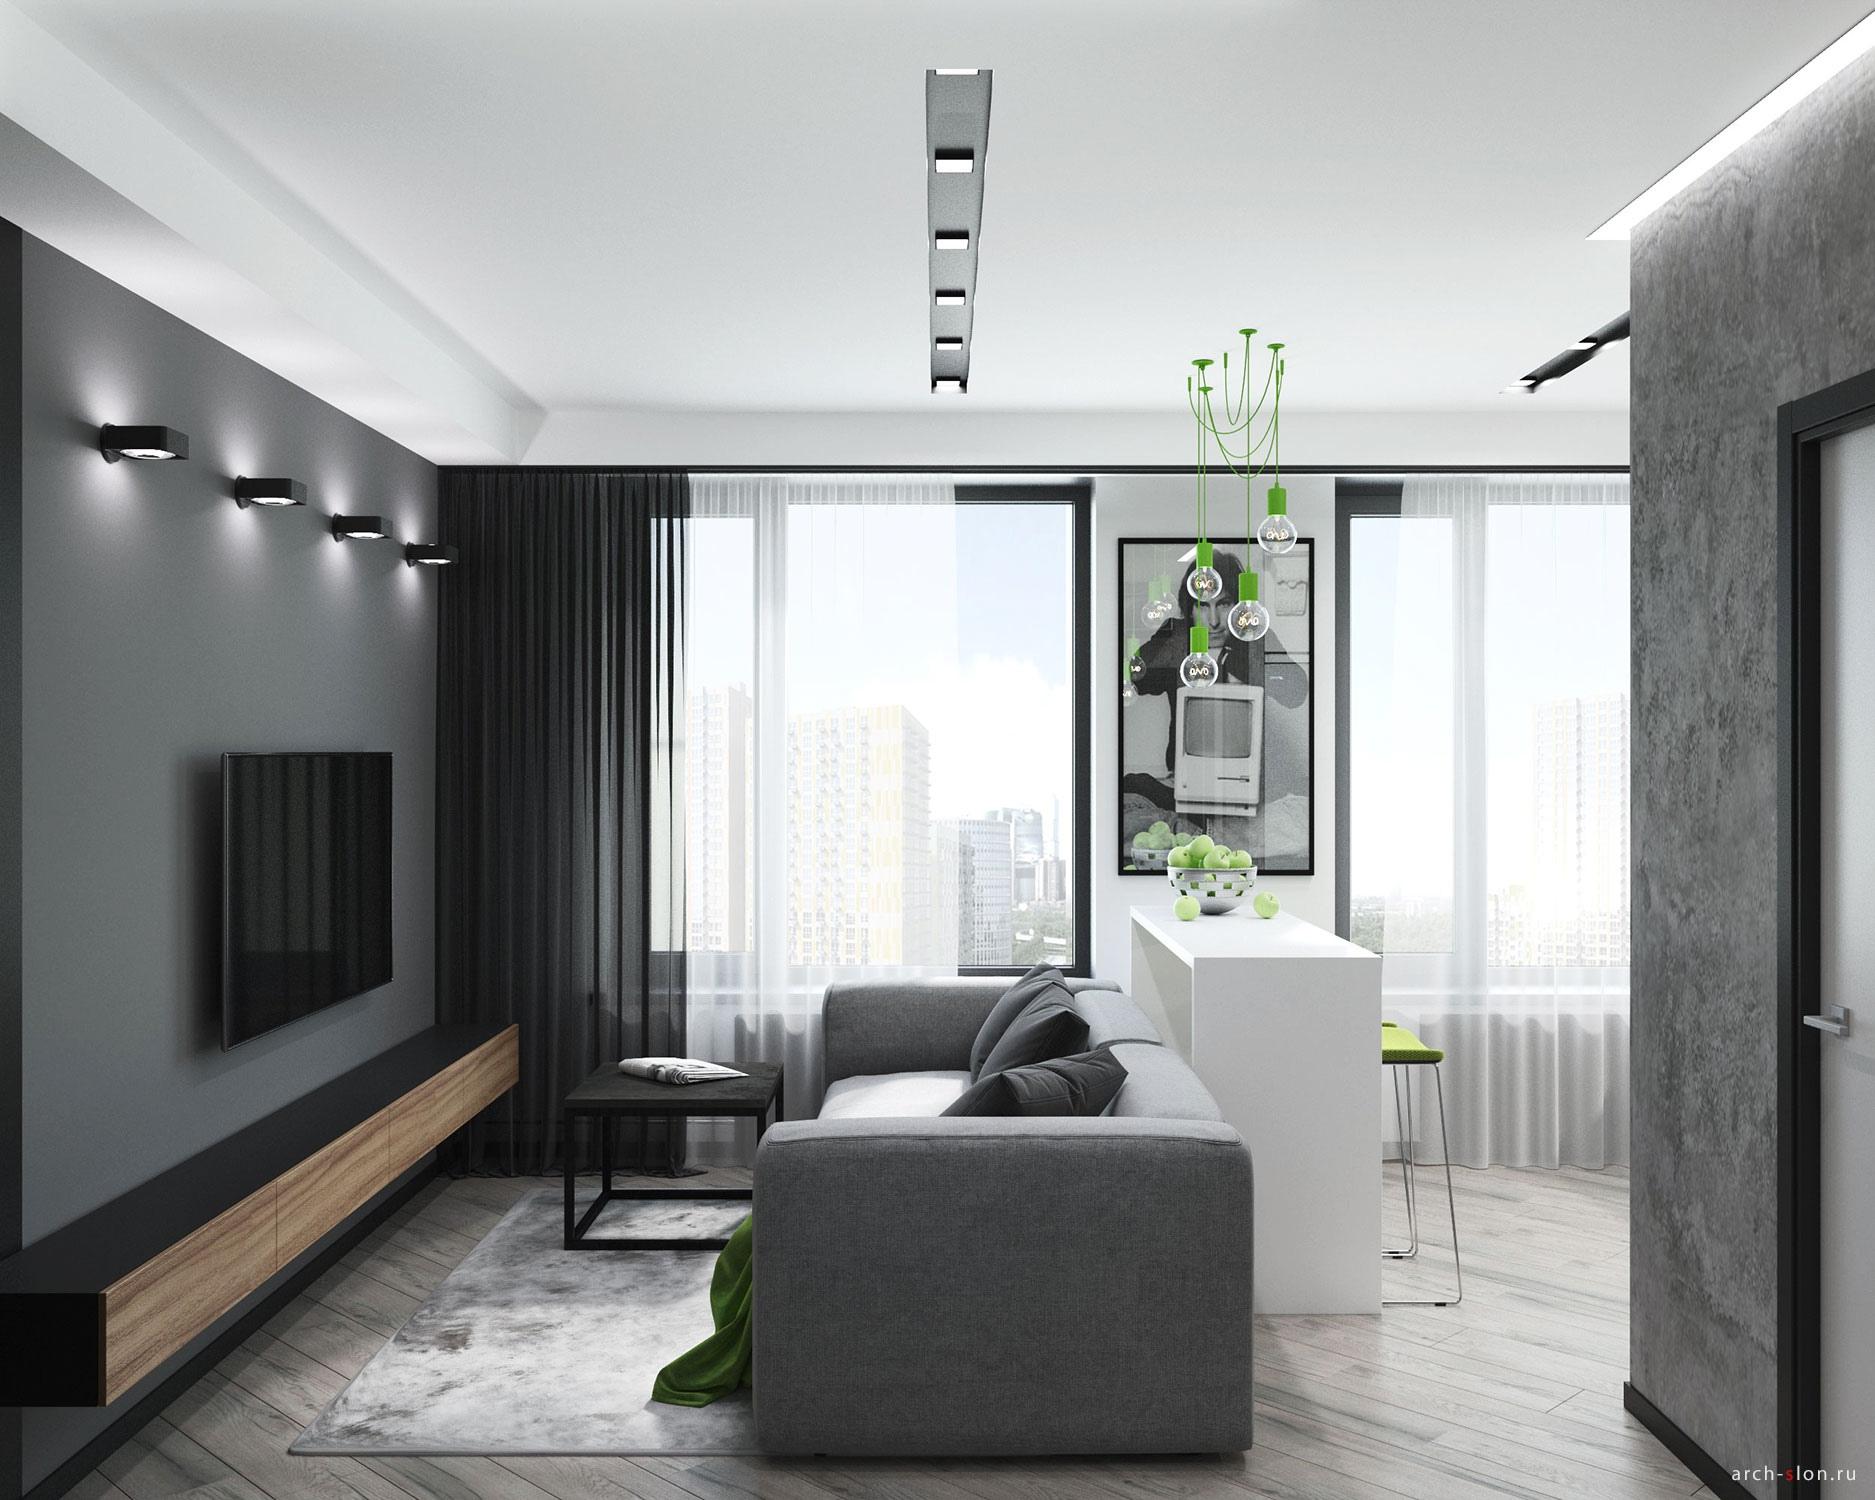 Проект квартиры квадратной планировки 33 кв.